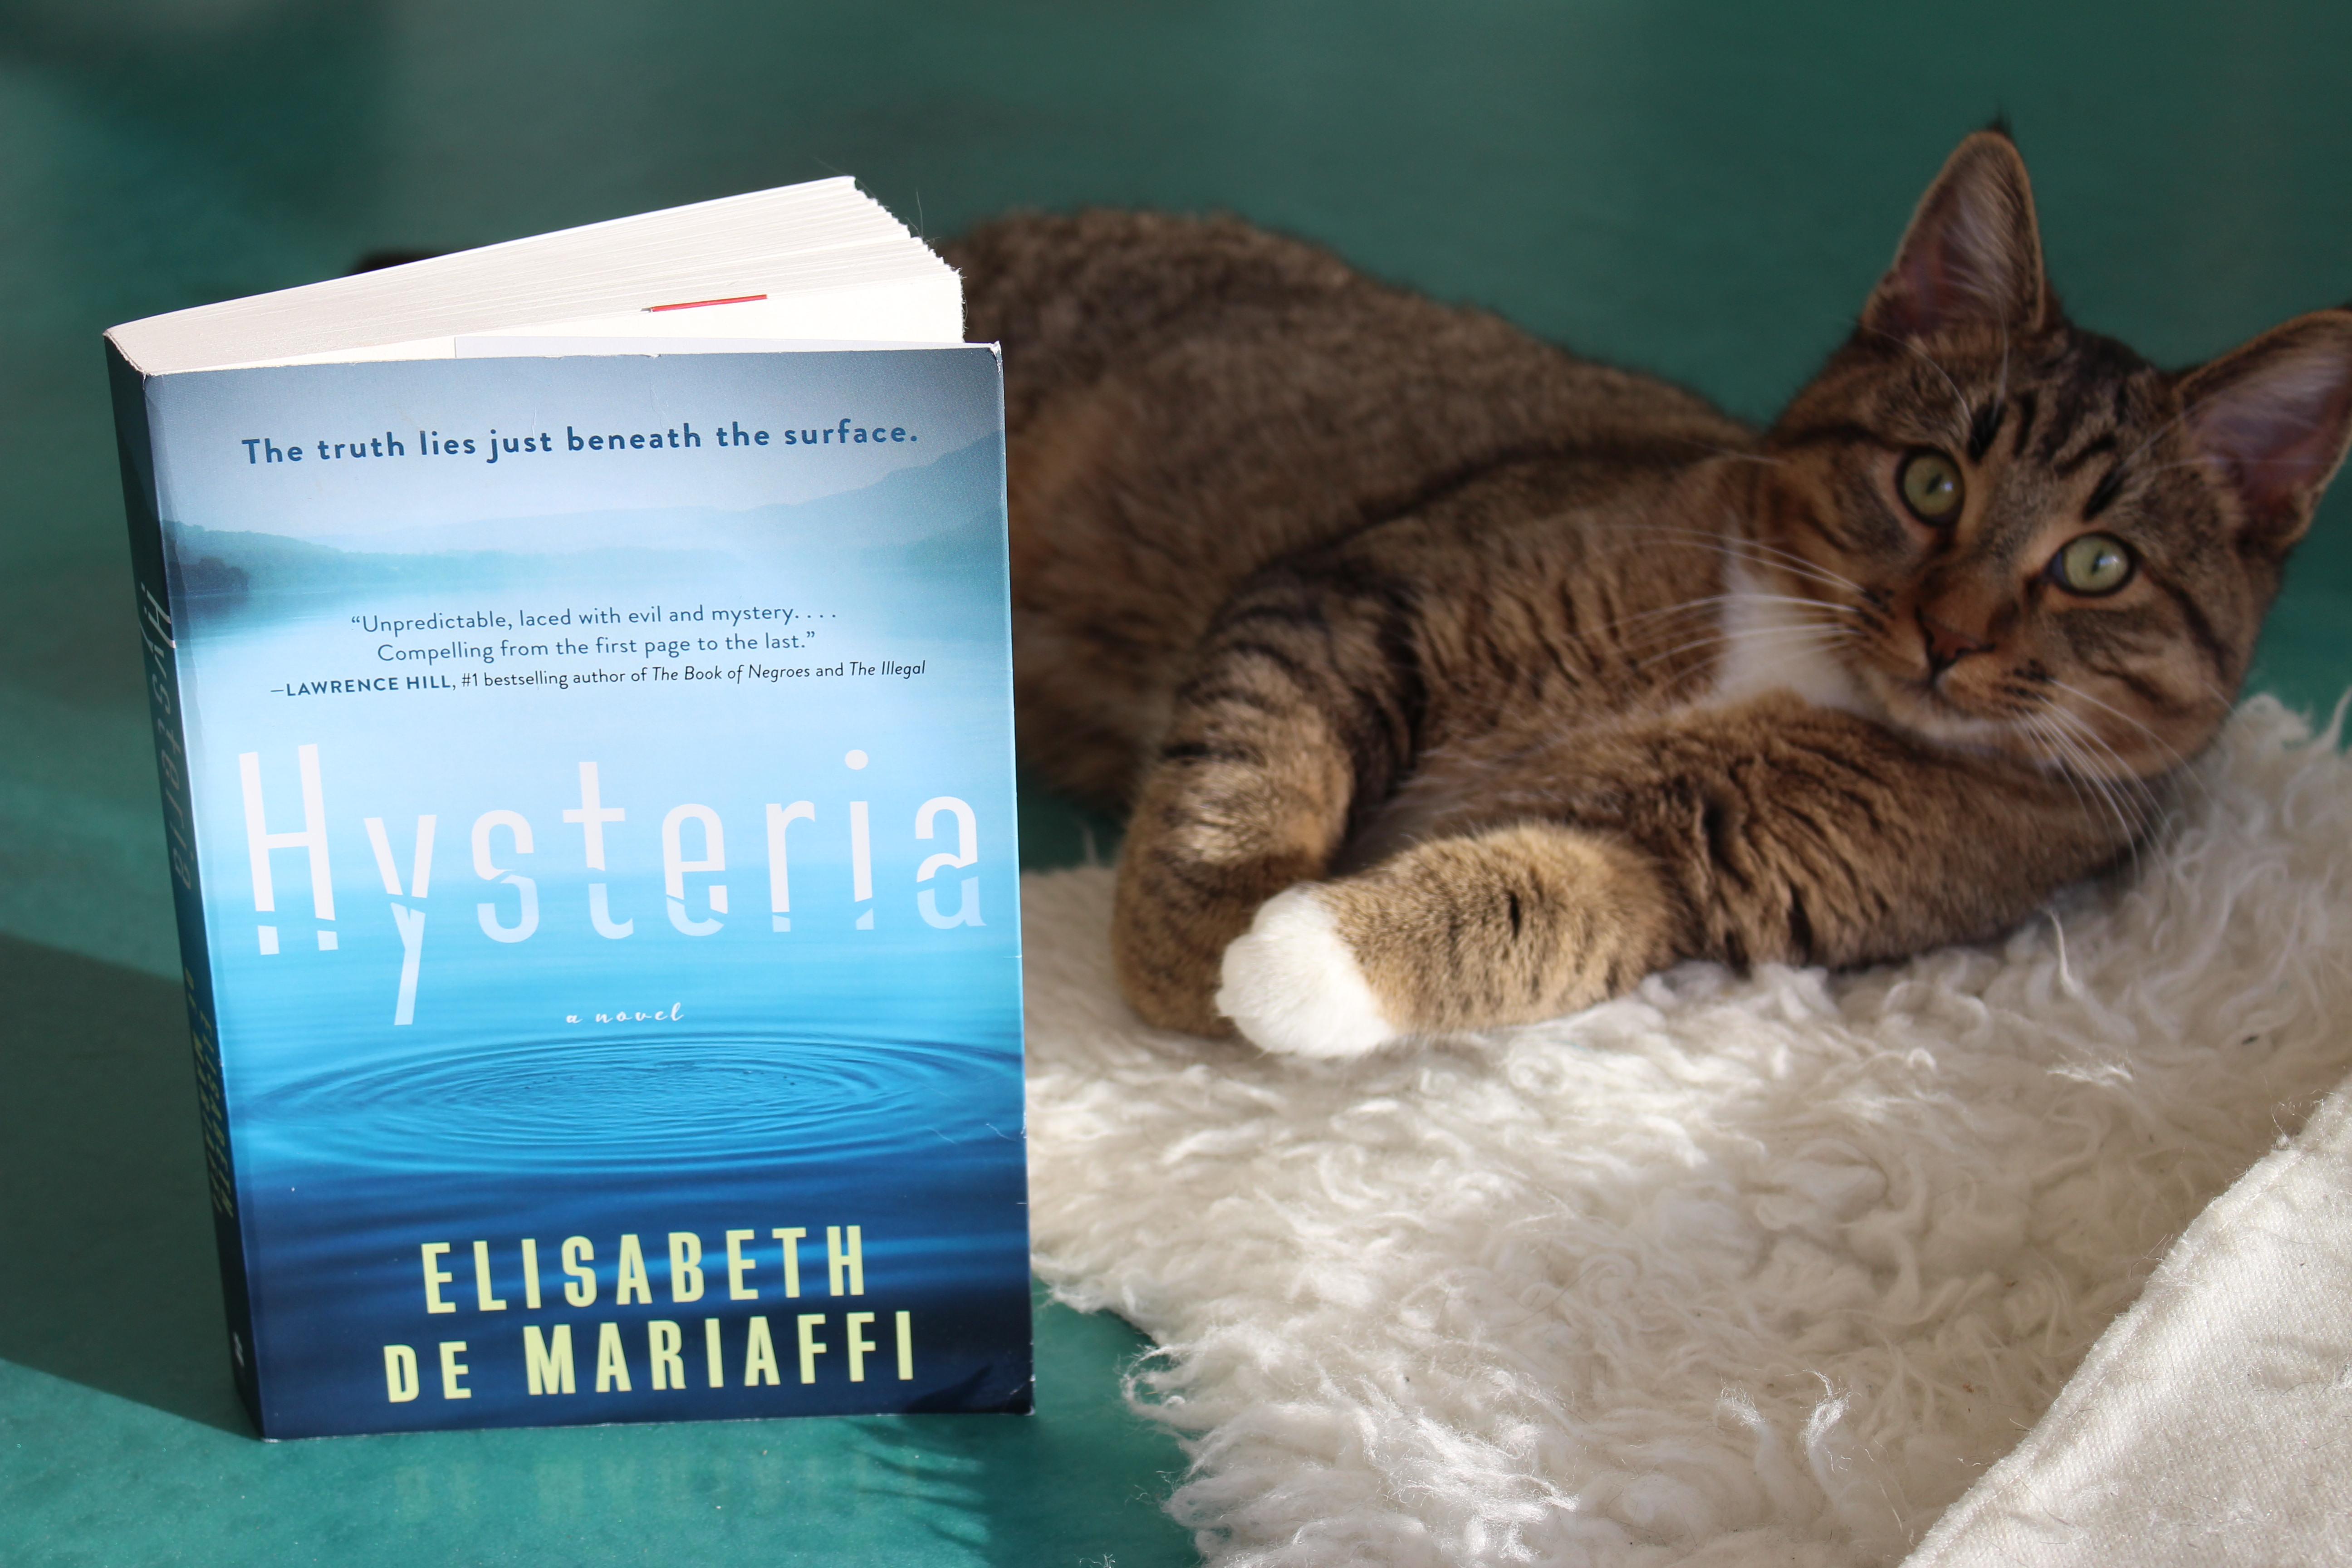 Book Review: Hysteria by Elisabeth de Mariaffi